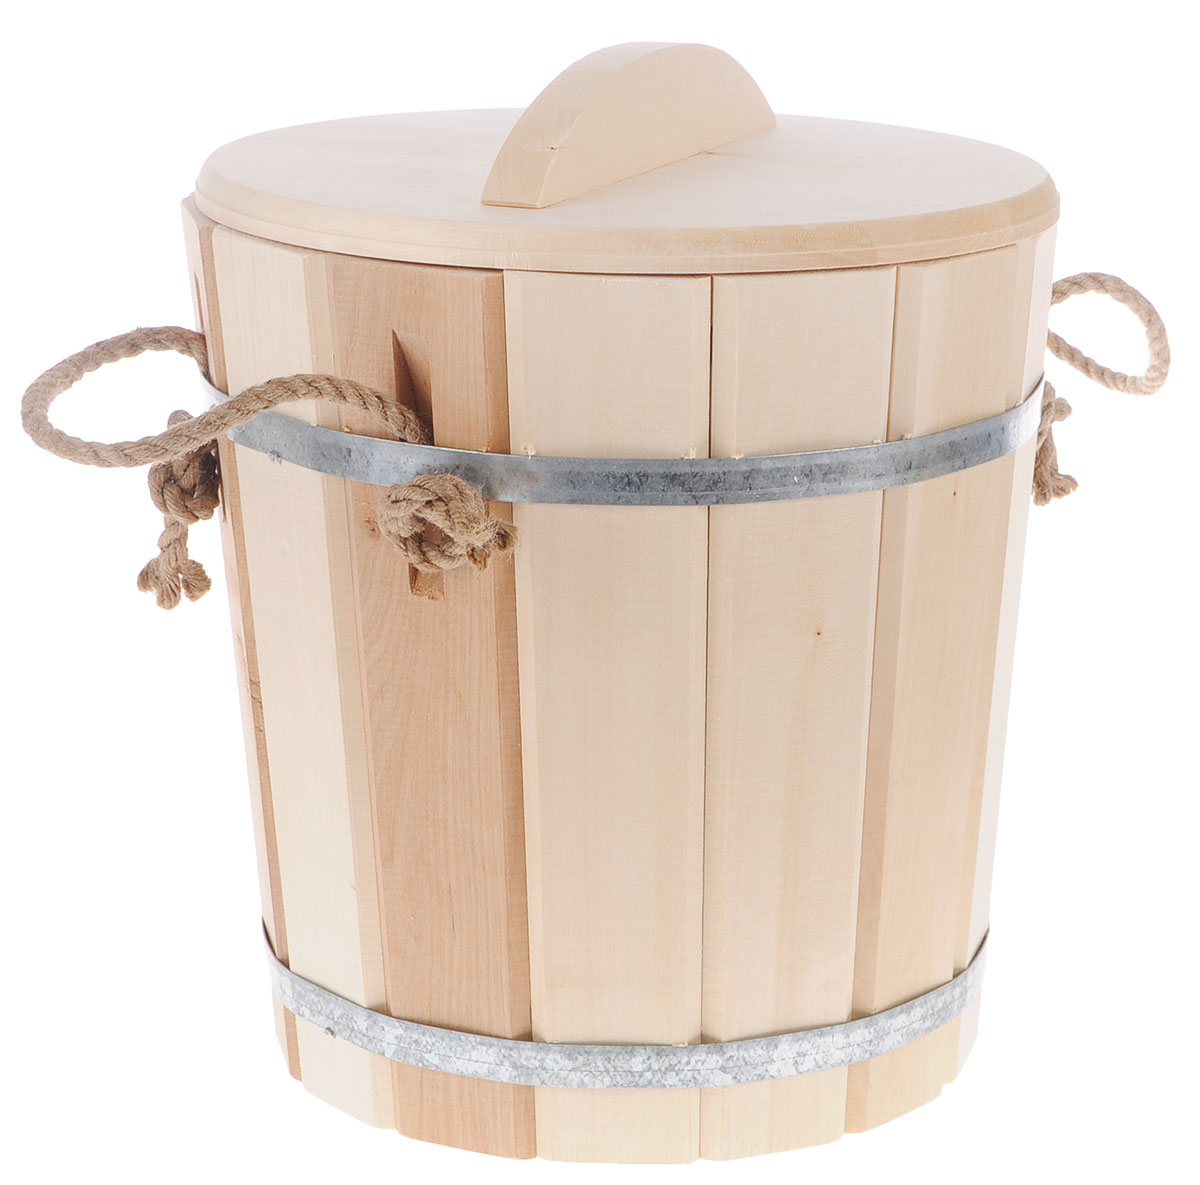 Ведро Банные штучки, с пластиковой вставкой , с крышкой, 10 л00007555Деревянное ведро Банные штучки является одной из тех приятных мелочей, без которых не обойтись при принятии банных процедур. Внутренняя поверхность имеет пластиковую вставку. Для удобства использования ведро оснащено деревянной крышкой и ручкой из веревки. Ведро прекрасно подойдет для обливания, замачивания веника или других банных процедур.Интересная штука - баня. Место, где одинаково хорошо и в компании, и в одиночестве. Перекресток, казалось бы, разных направлений - общение и здоровье. Приятное и полезное. И всегда в позитиве. Характеристики:Материал: дерево (липа), металл, пластик. Объем: 10 л. Диаметр основания ведра: 24 см. Диаметр ведра по верхнему краю: 27,5 см. Высота стенок ведра: 29 см. Размер упаковки: 32 см х 32 см х 37 см. Артикул: 03710.